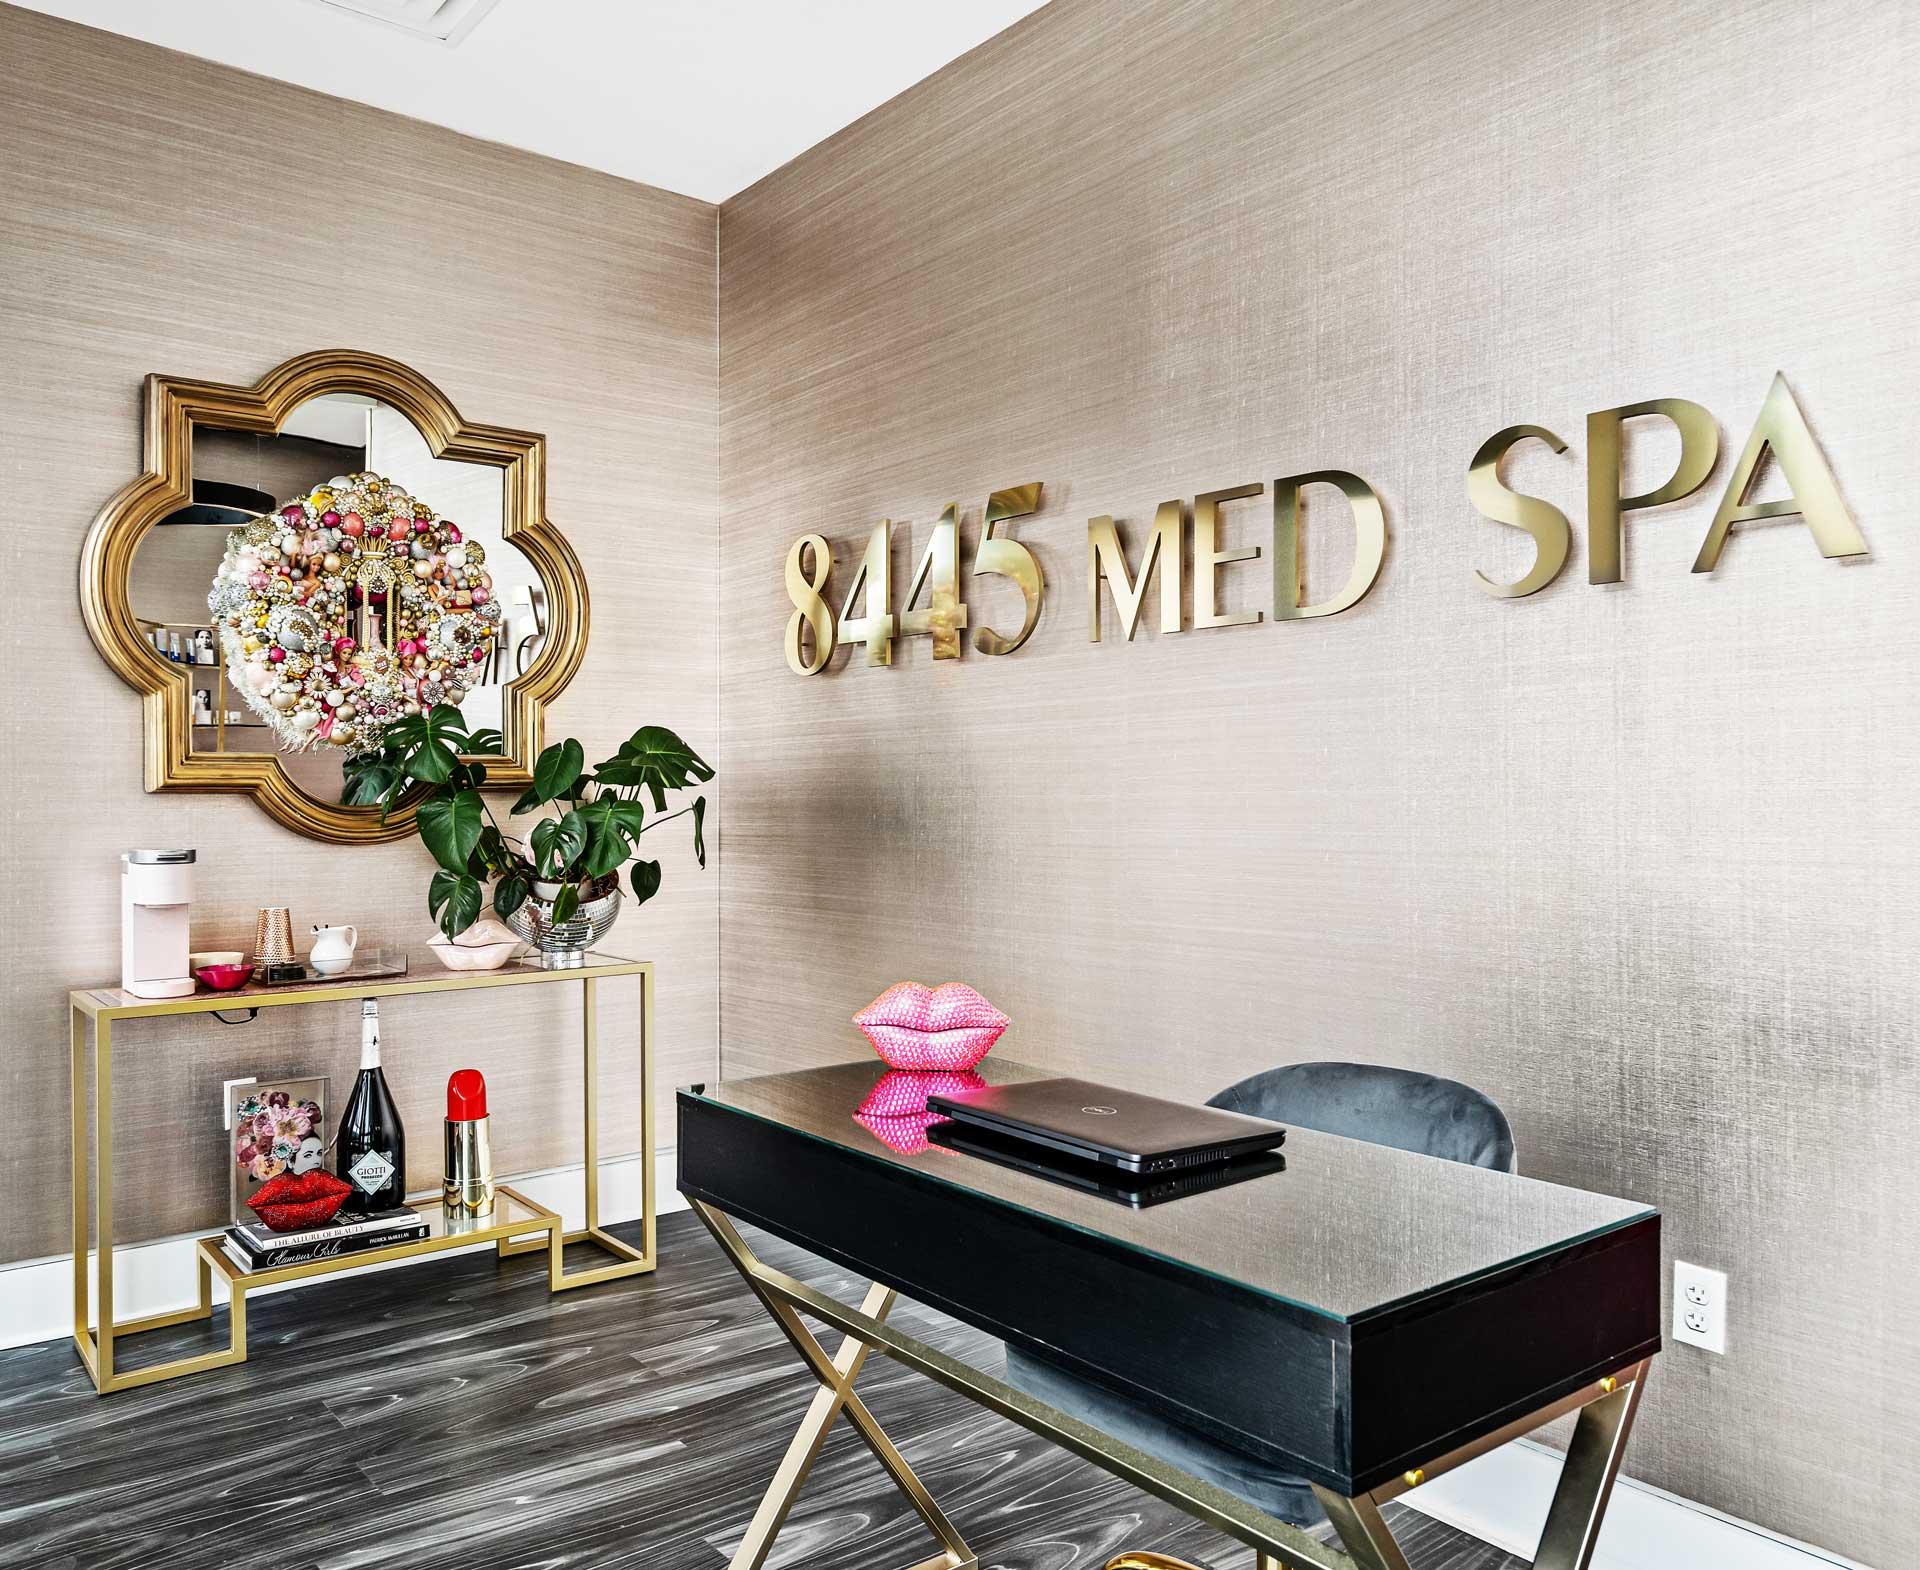 8445 Med Spa